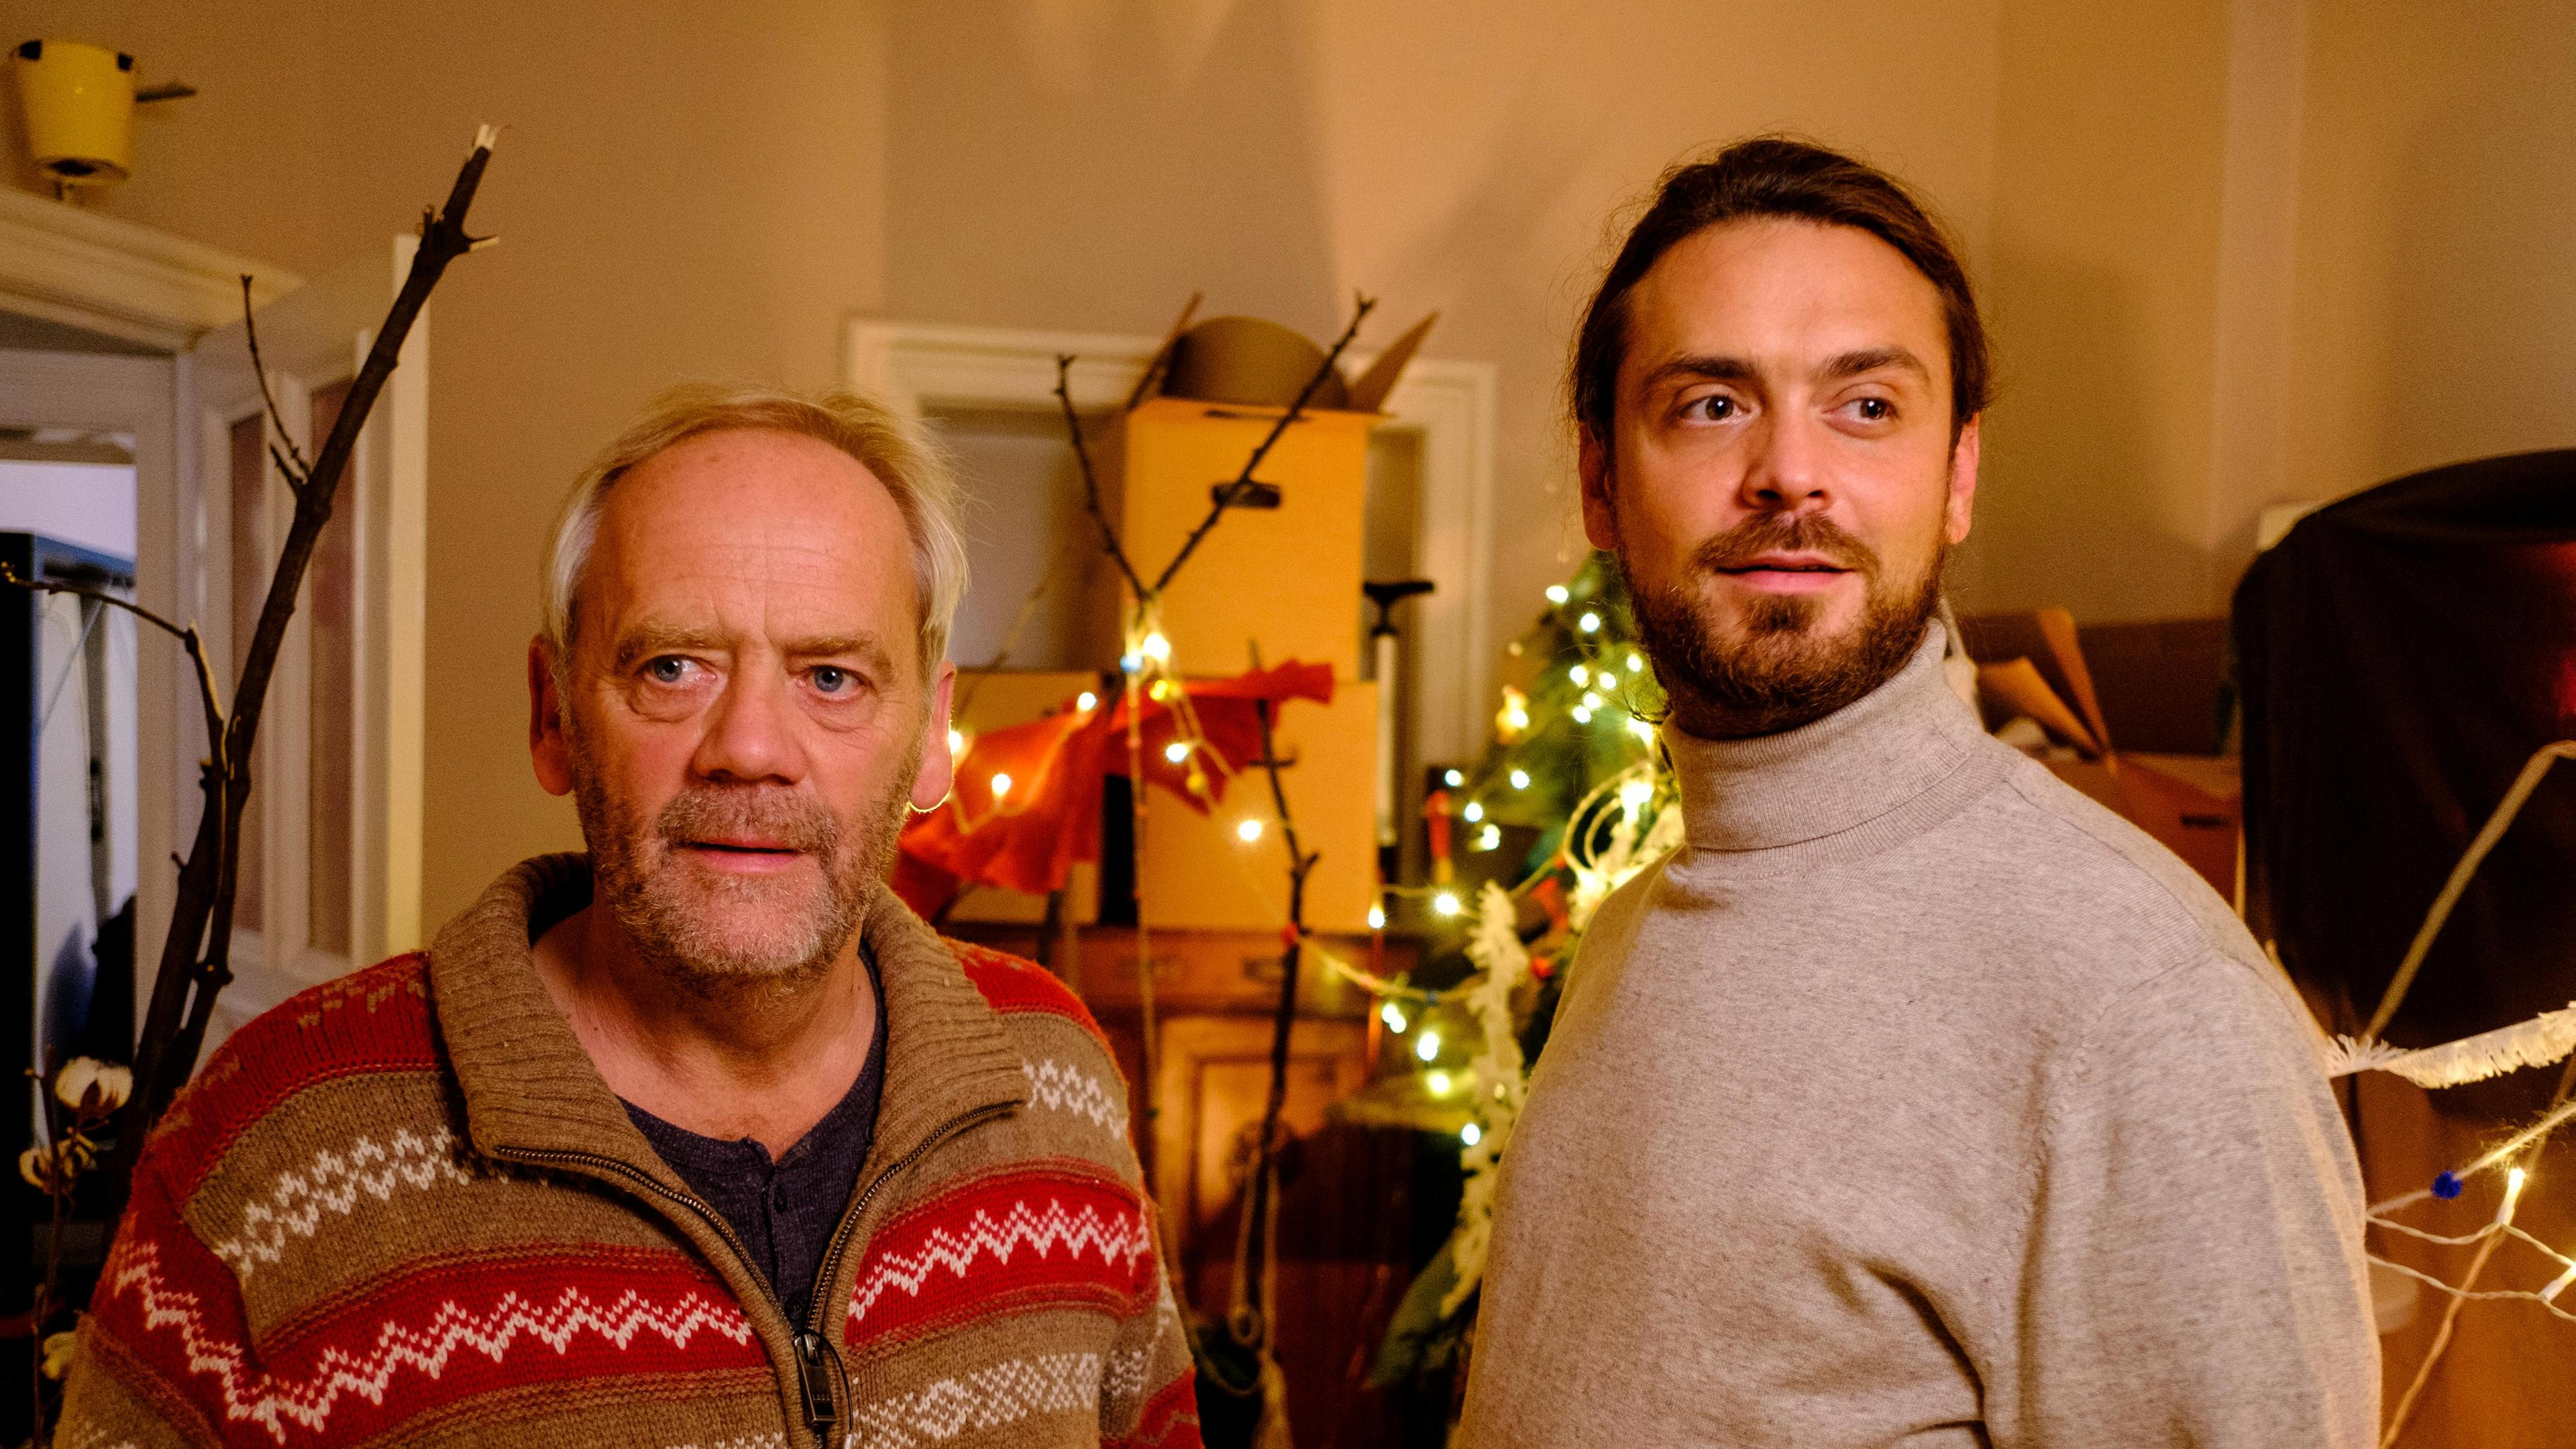 Hans-Heinrich Hardt and Sebastian Fräsdorf in Liebe. Jetzt! (2020)